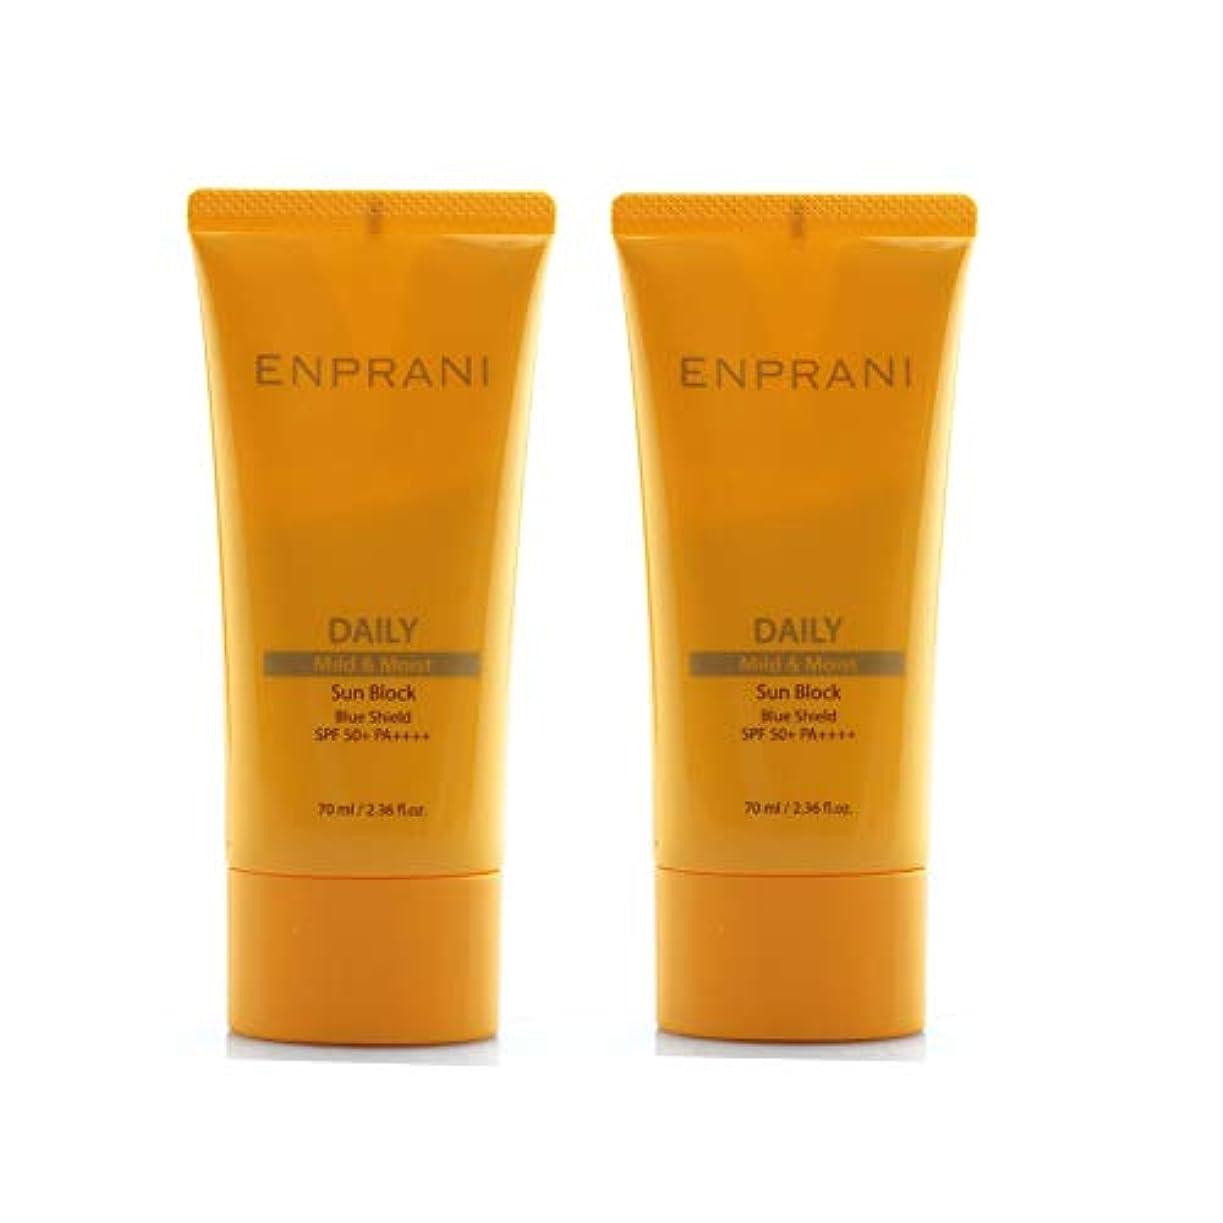 仕事に行くボトル恥ずかしいエンプラニデイリーサンブロックSPF50+/ PA++++ 70mlx2本セットサンクリーム、Enprani Daily Sun Block SPF50+ / PA++++ 70ml x 2ea Set Sun Cream [並行輸入品]